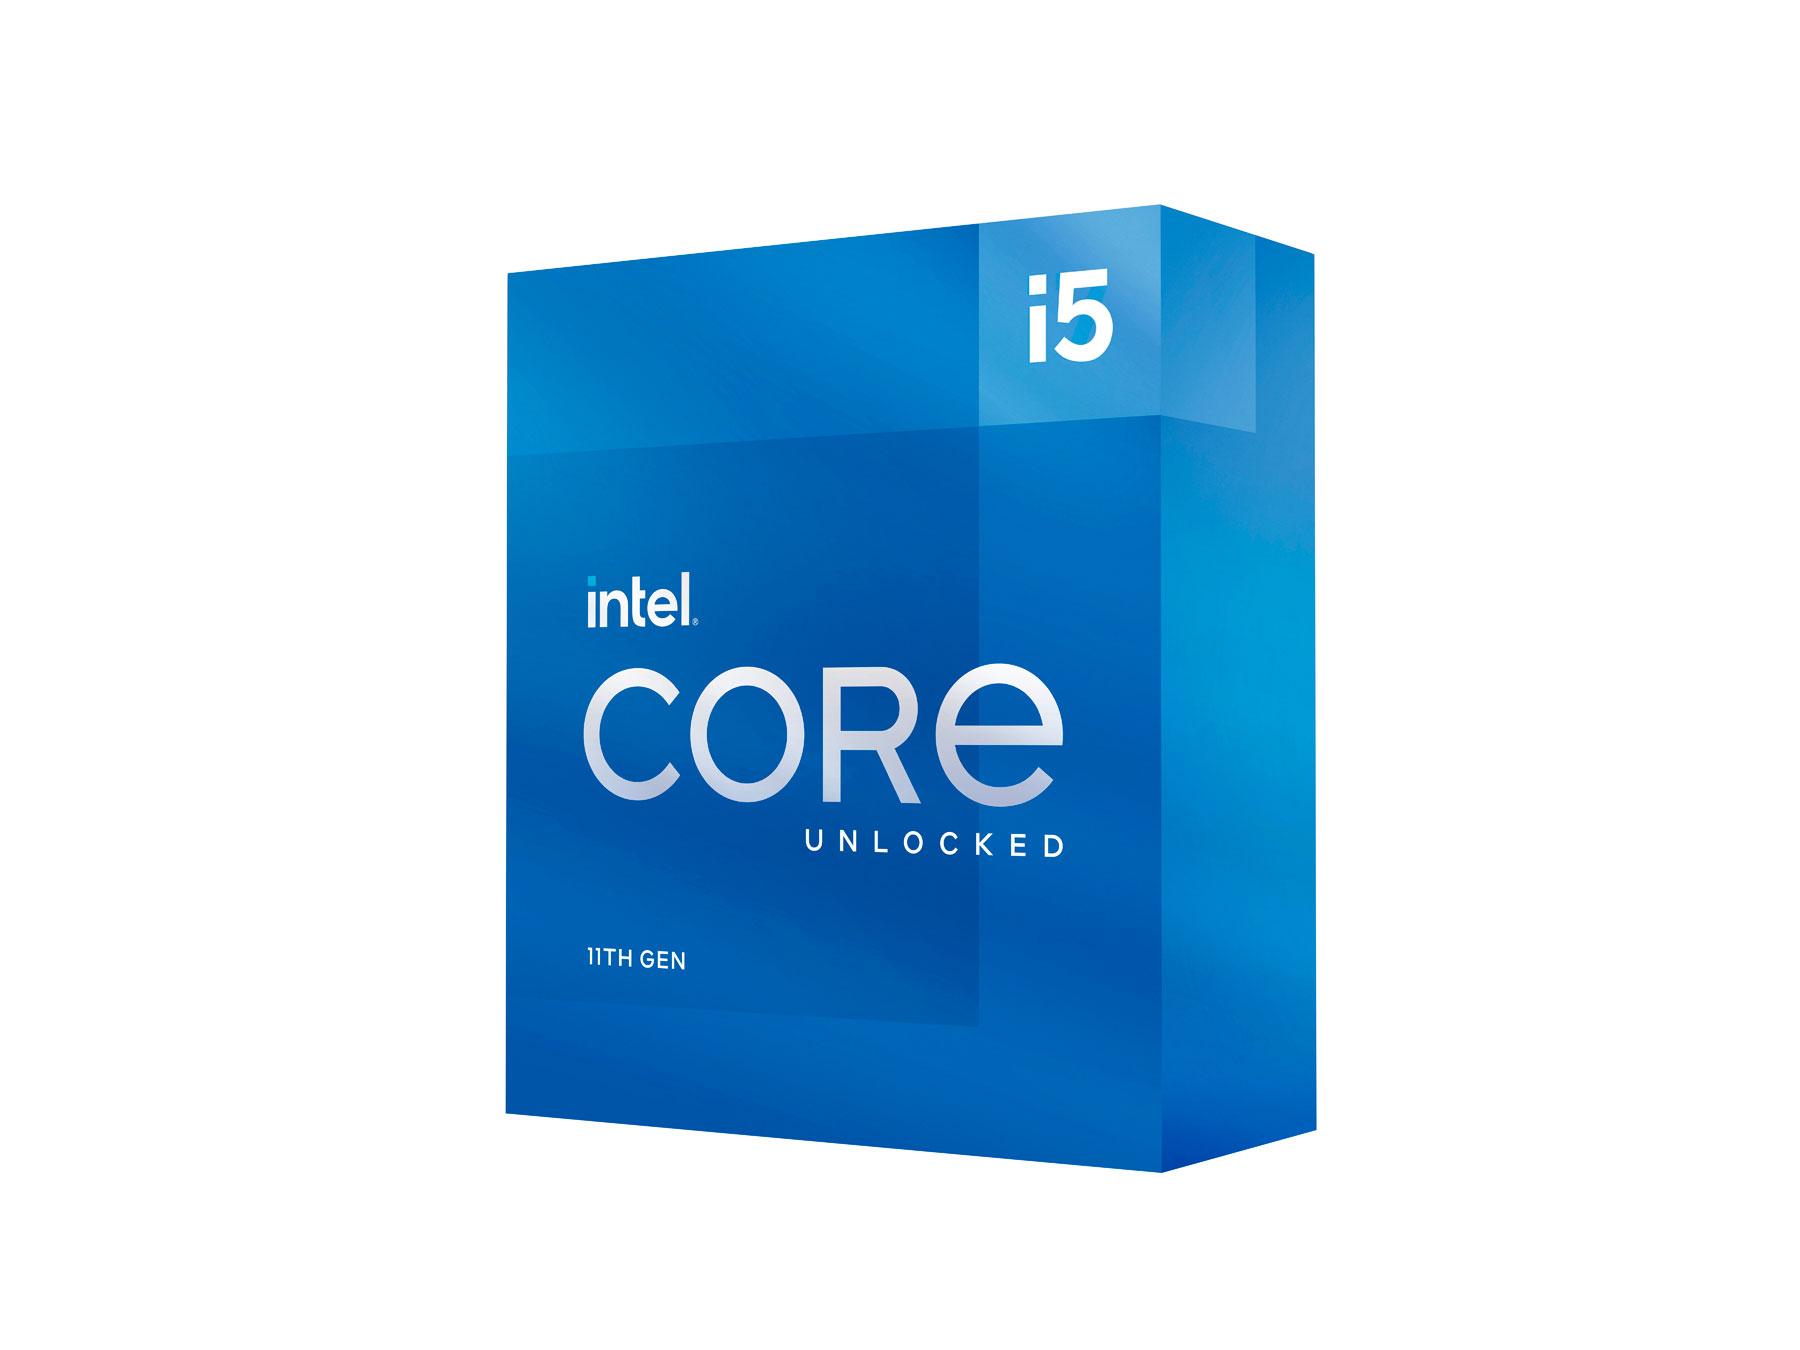 Intel Core i5 11600K 6 Core LGA 1200 3.9Ghz CPU Processor